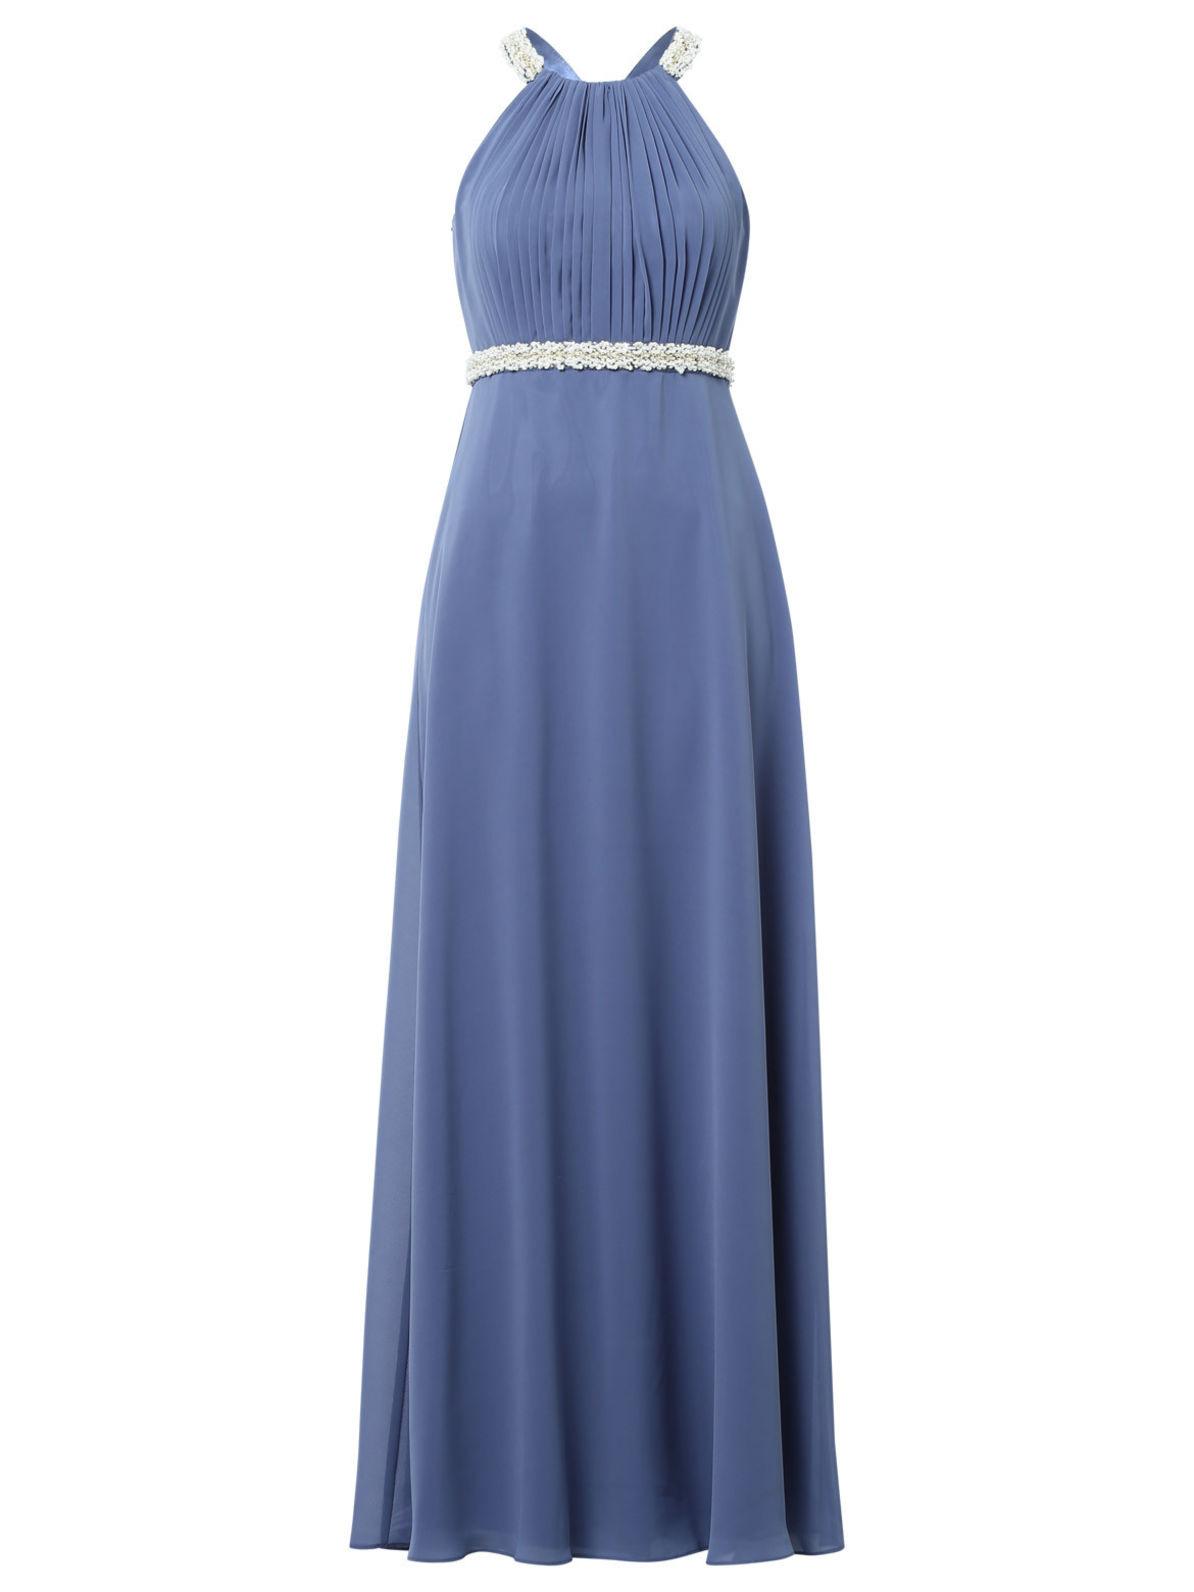 20 Coolste Online Kaufen Abend Kleid für 2019 Fantastisch Online Kaufen Abend Kleid Ärmel